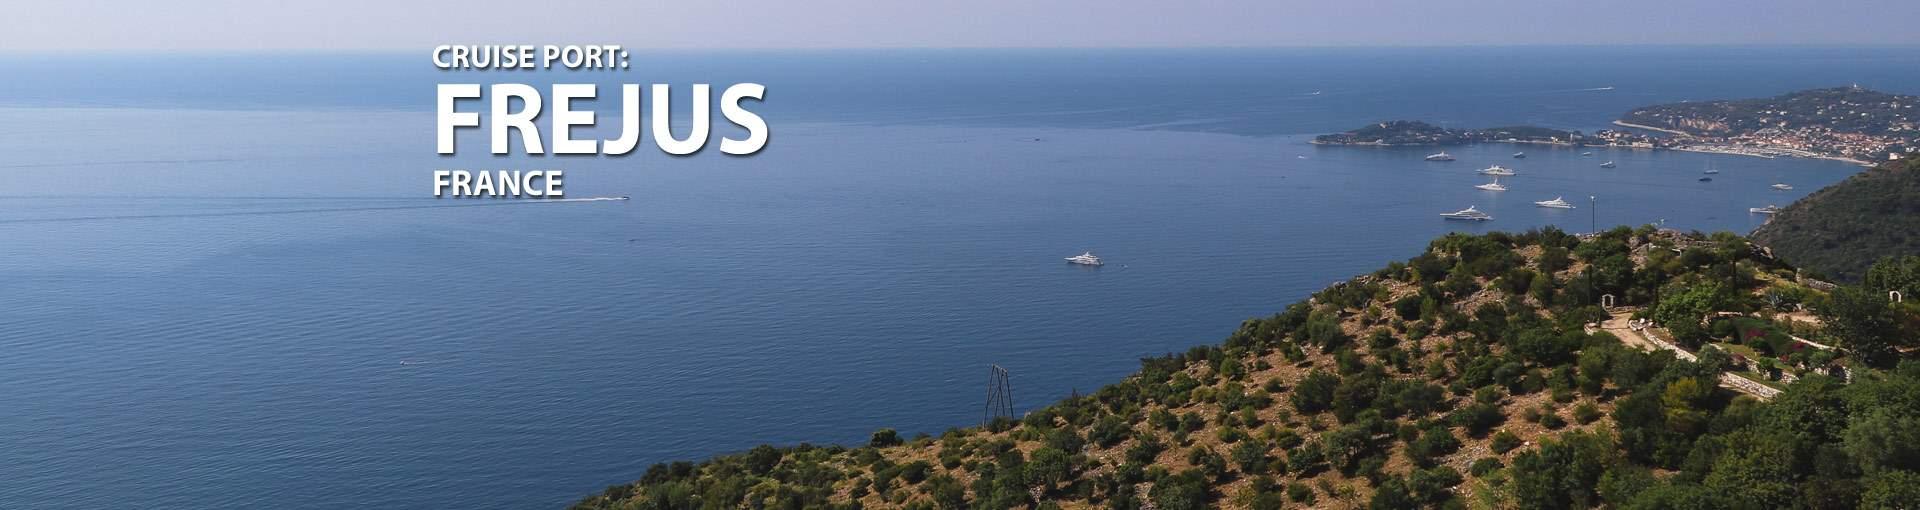 Frejus, France Cruise Port